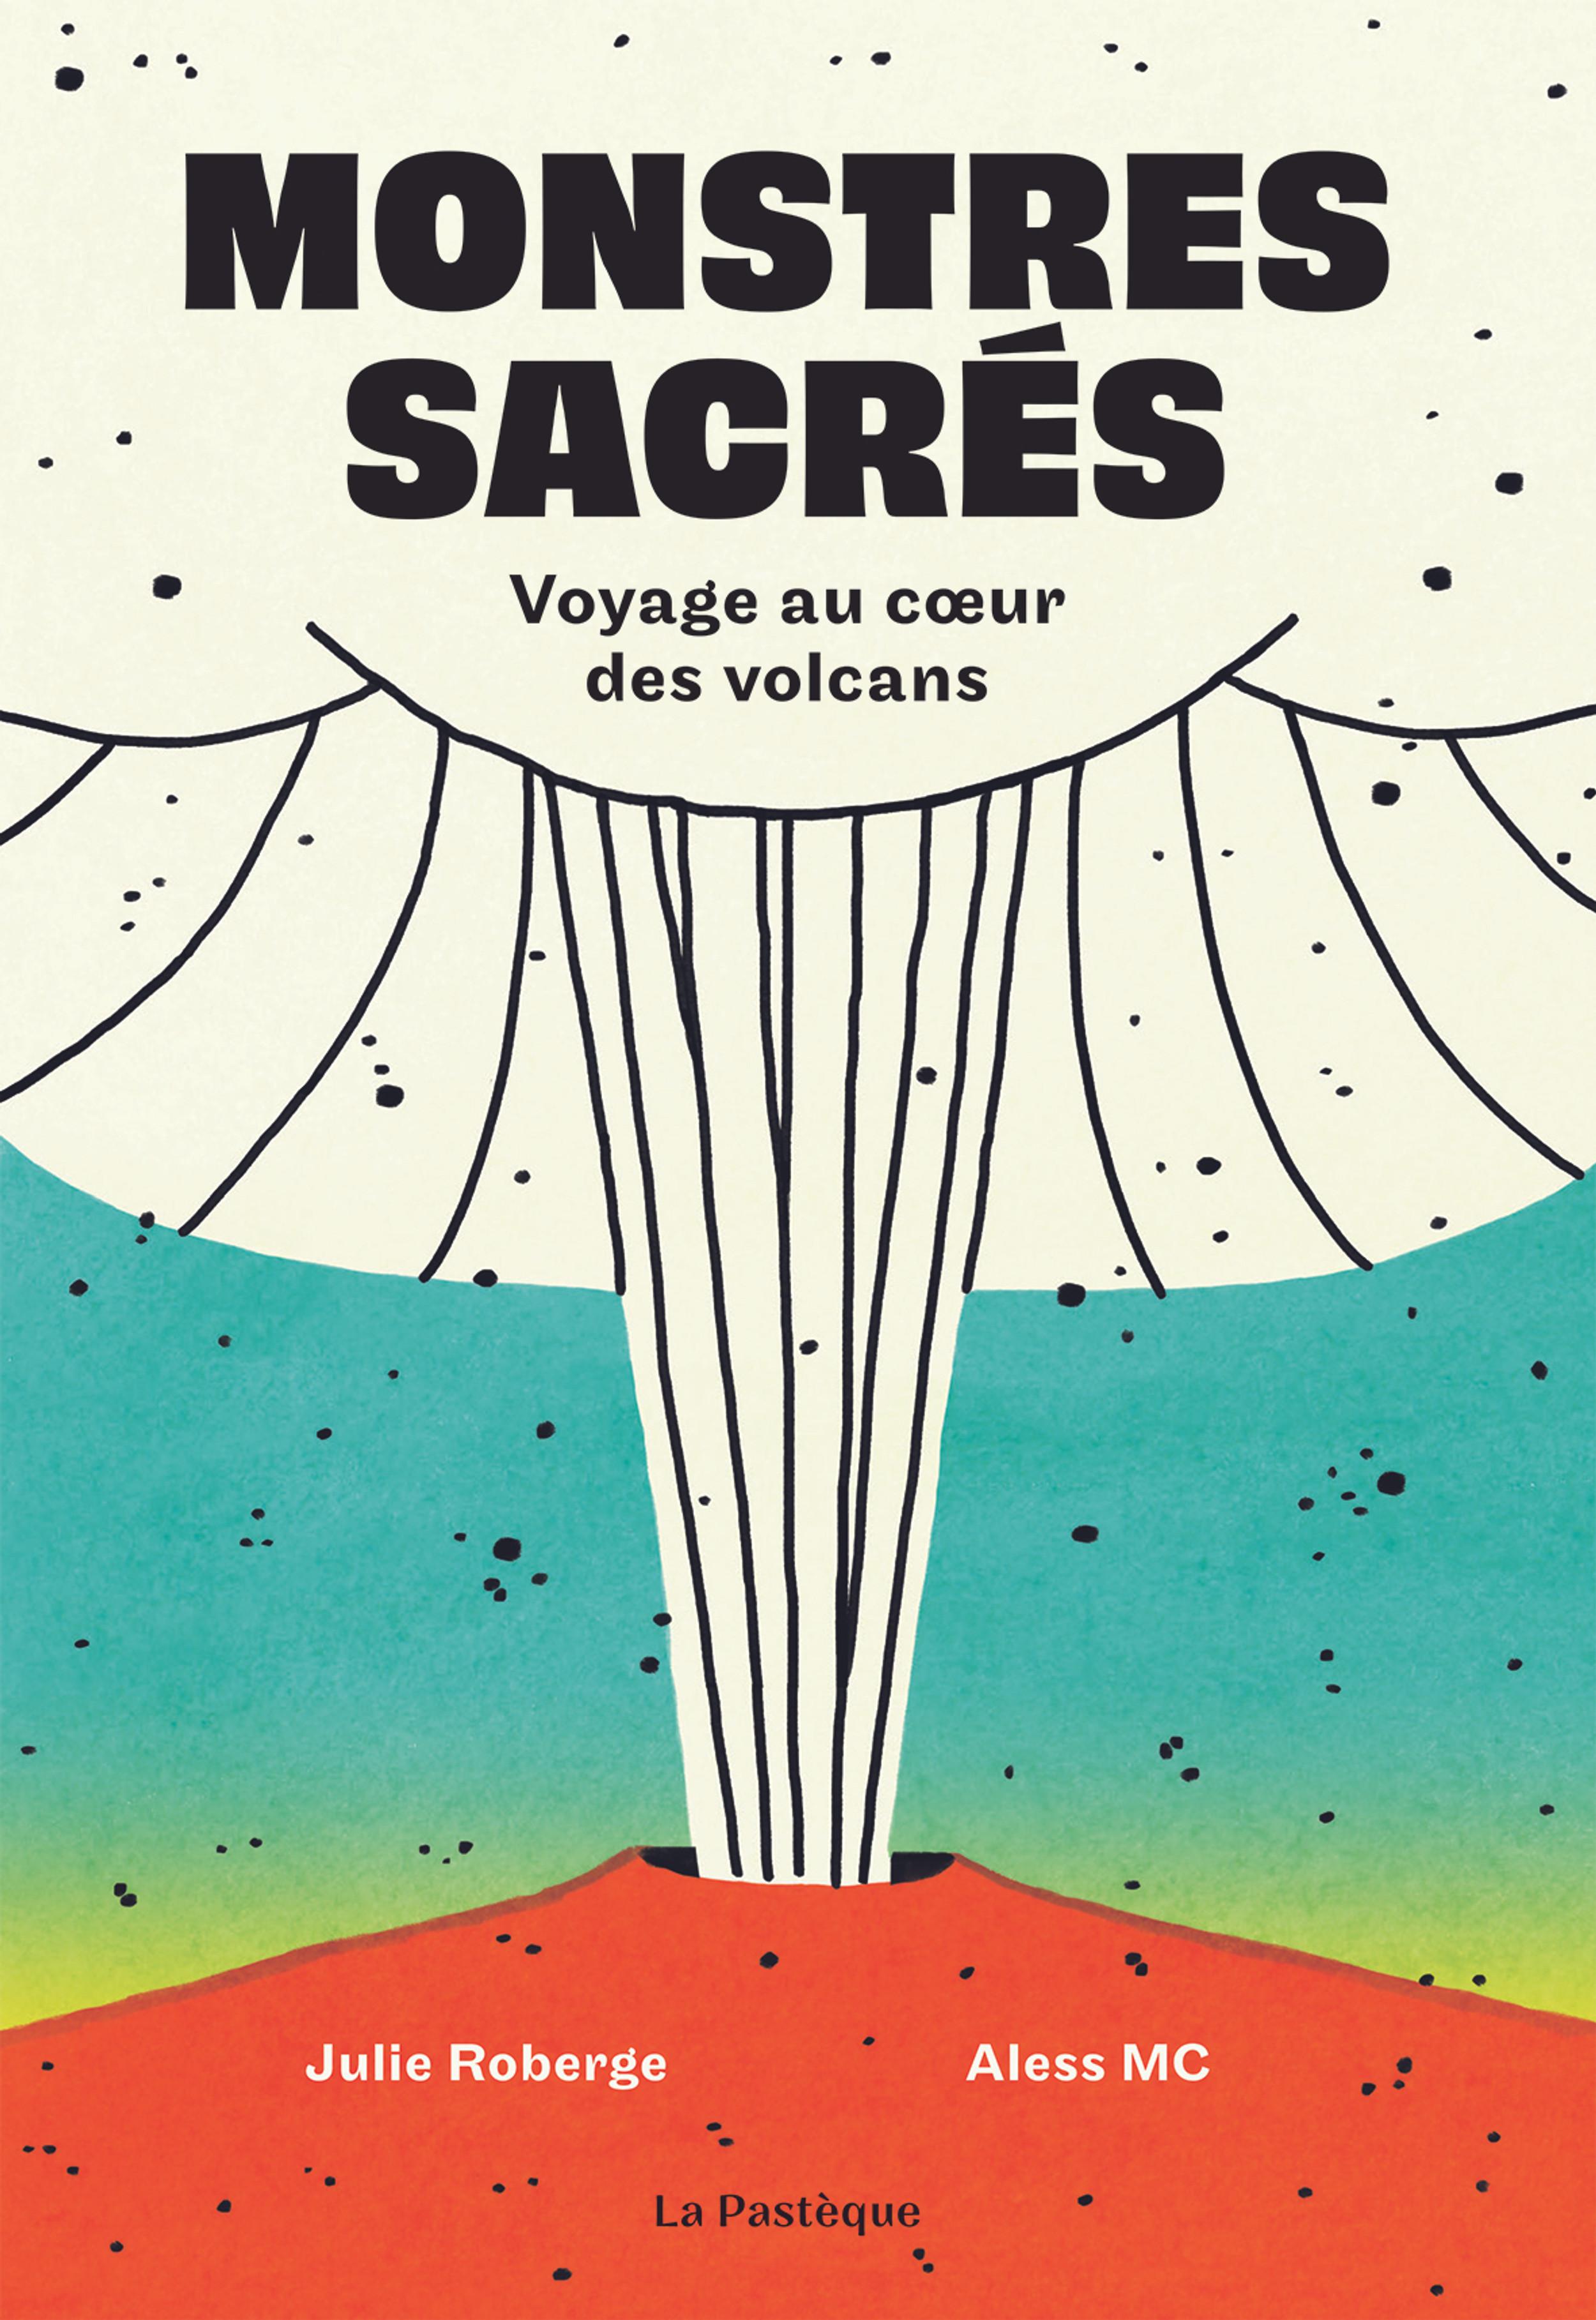 Monstres sacrés  voyage au coeur des volcans